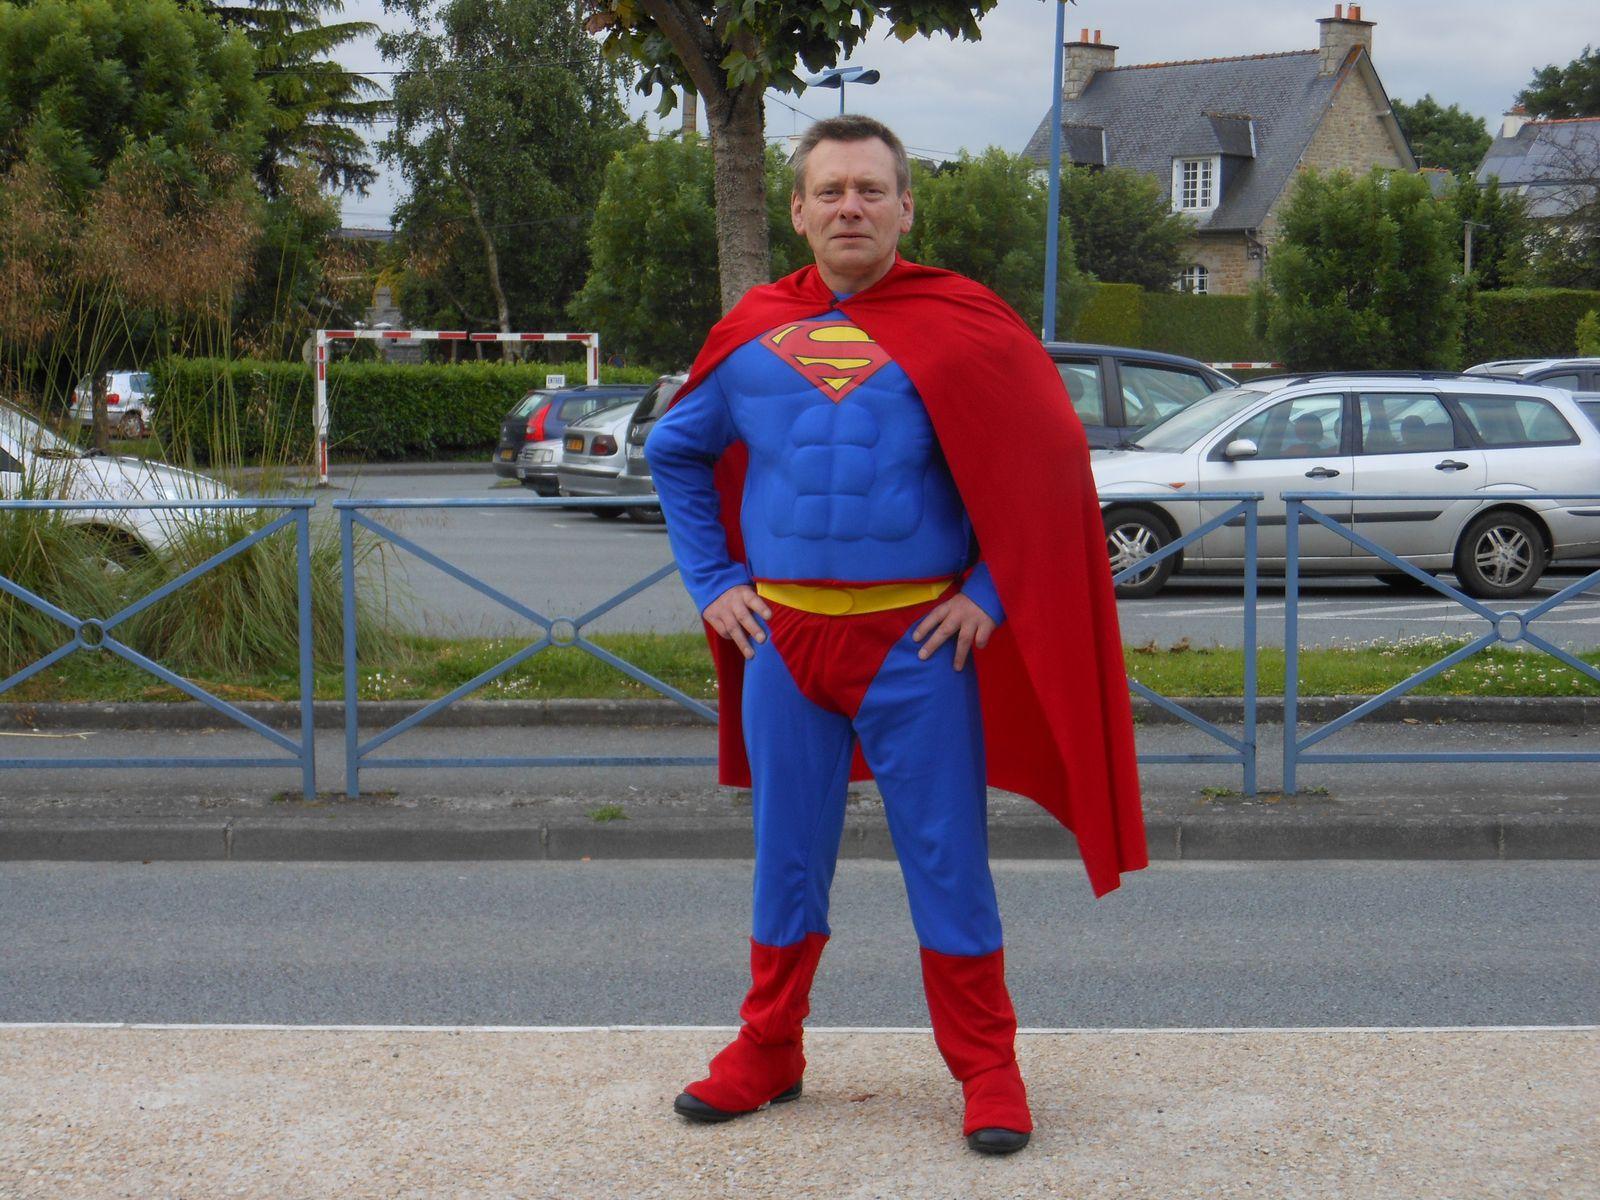 ERIC-C EN SUPERMAN A DINAN LES 22 et 23 JUIN 2013